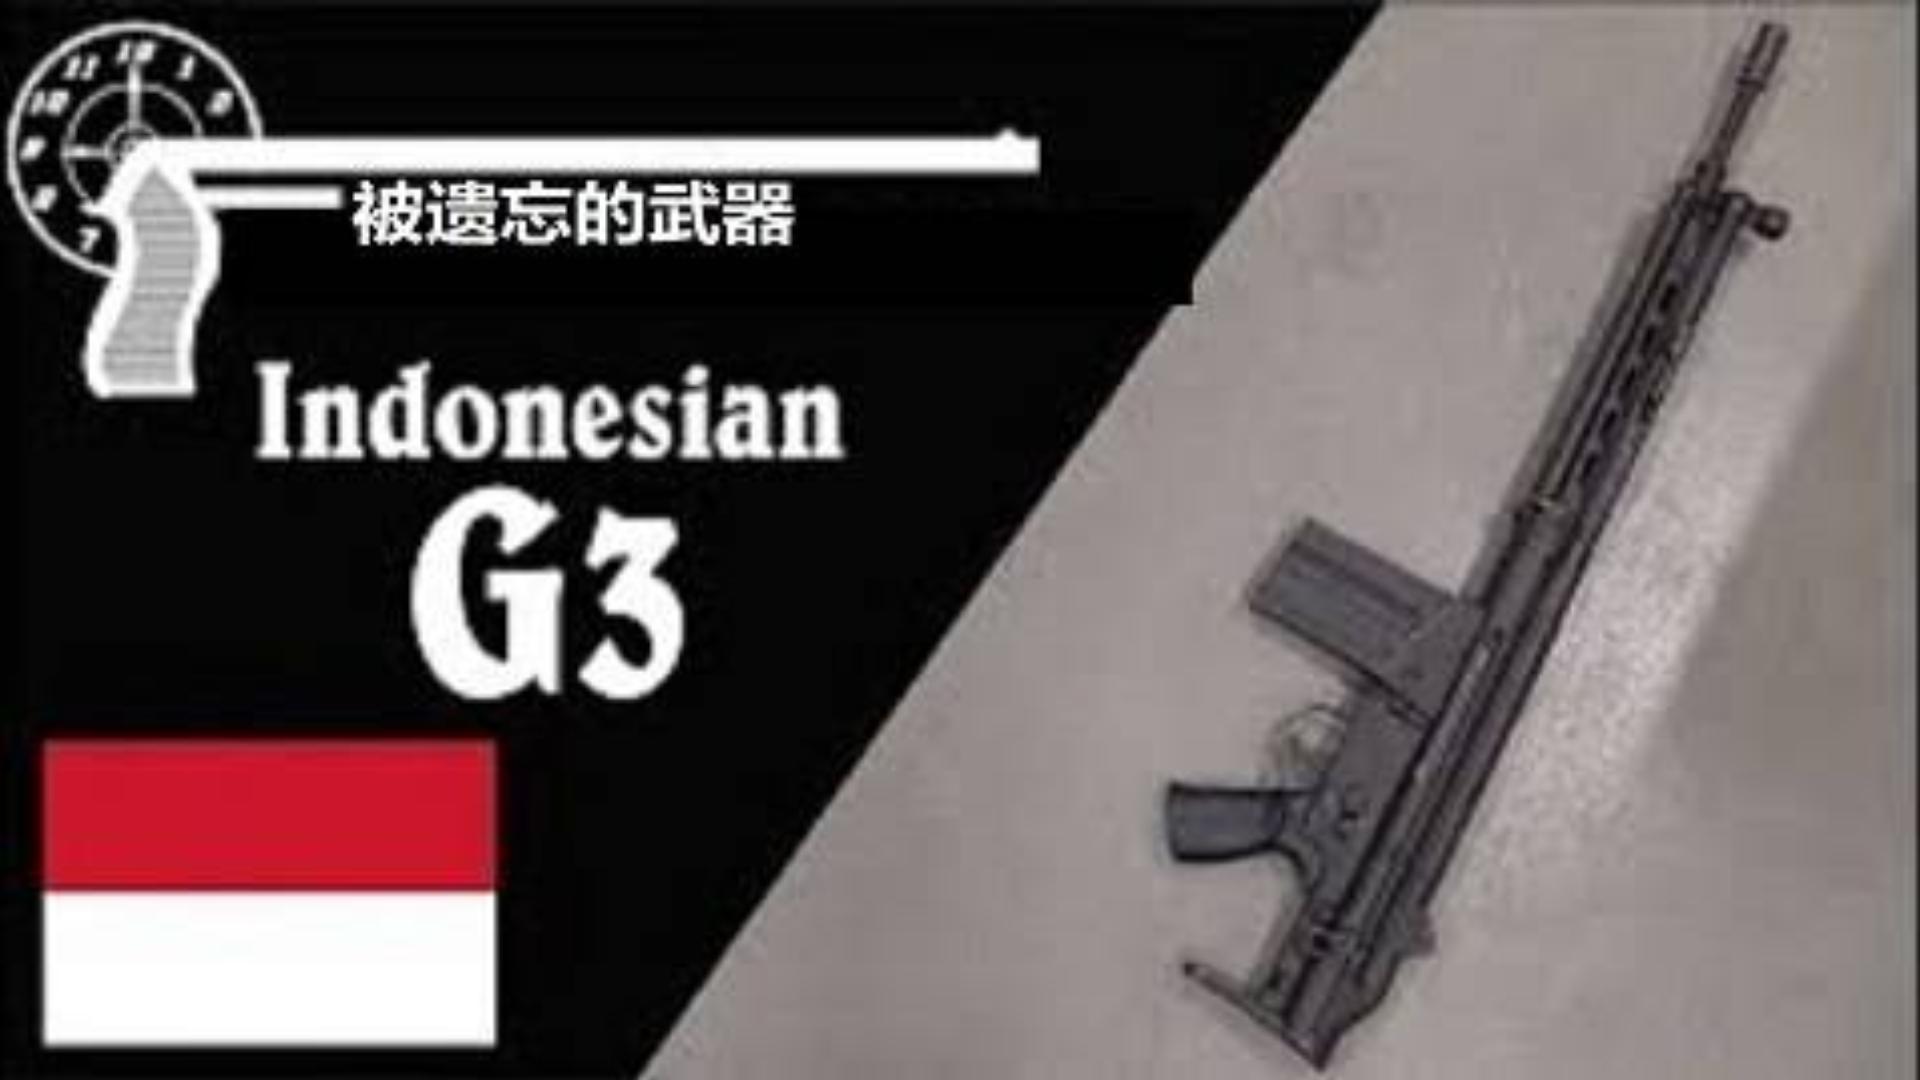 【搬运/已加工字幕】印度尼西亚伸缩托G3步枪 历史介绍